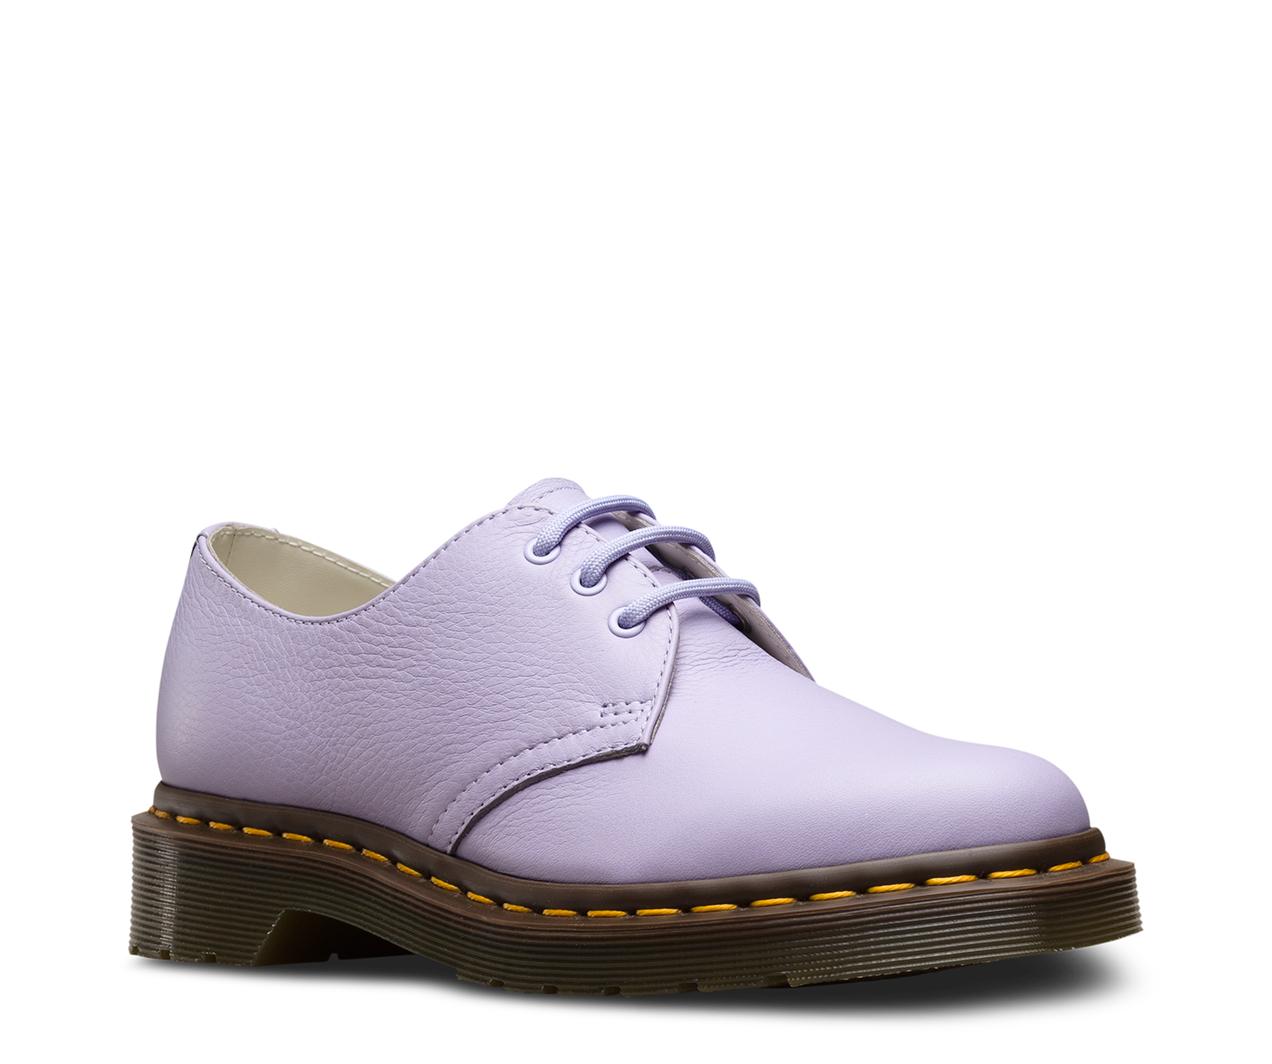 dr martens schoenen waar te koop